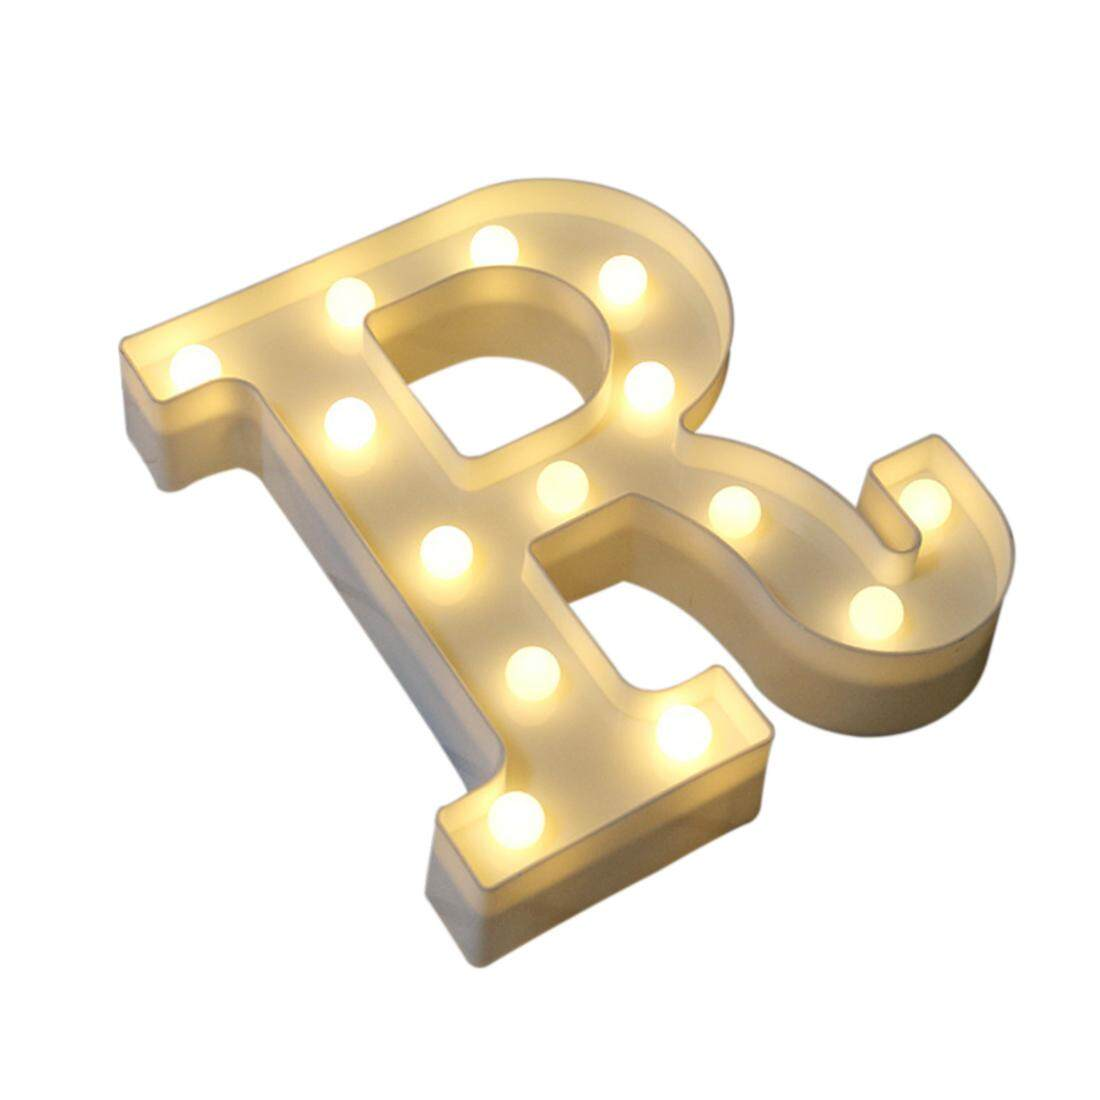 360DSC Huruf Alfabet LED Lampu Bohlam Simbol Lampu Dekorasi untuk Dinding Dalam Ruangan .